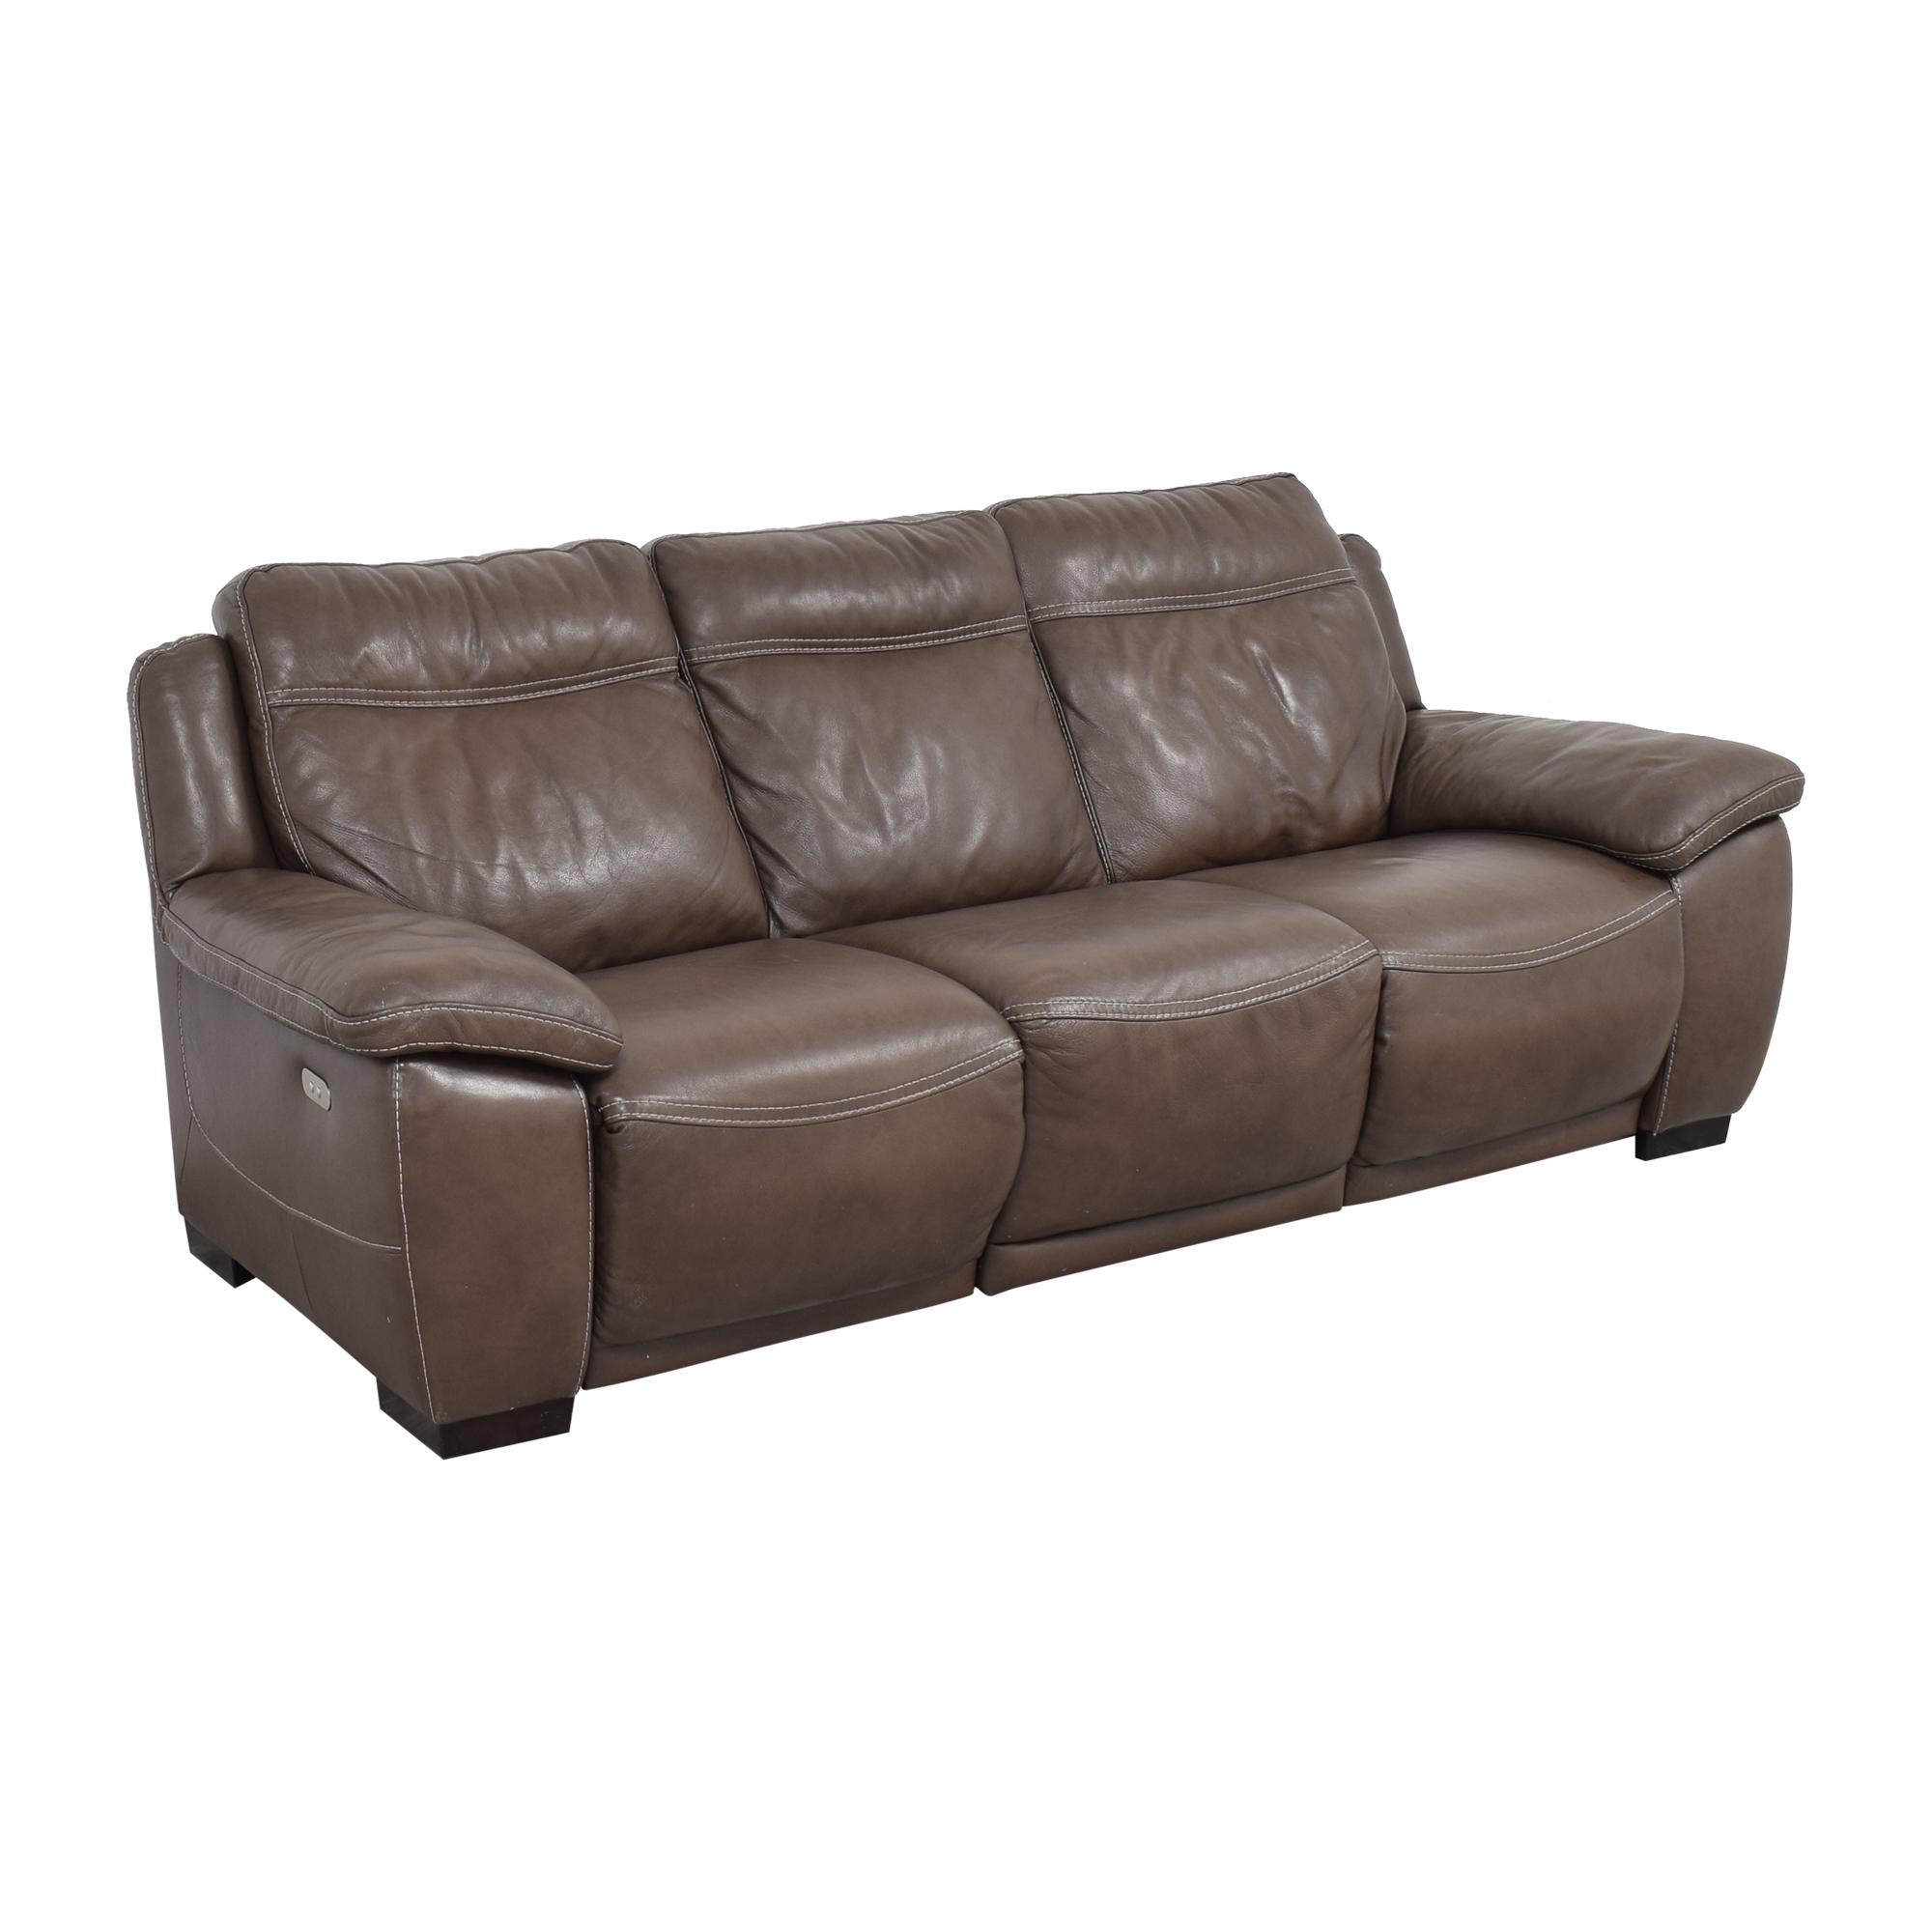 Natuzzi Natuzzi Three Cushion Reclining Sofa ma